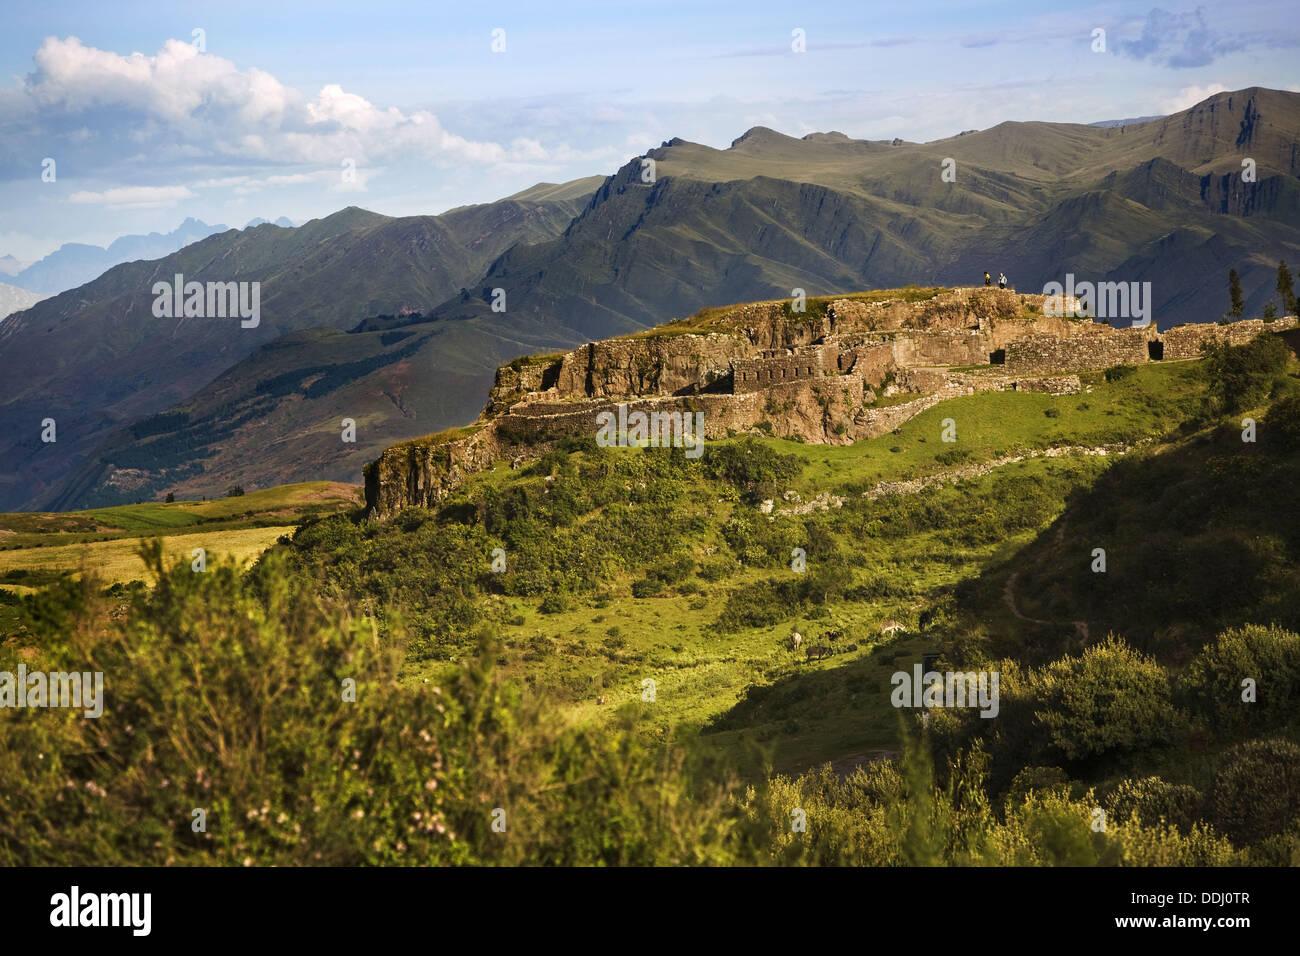 Pucapucara complejo militar incaica, región de Cusco, Perú Imagen De Stock